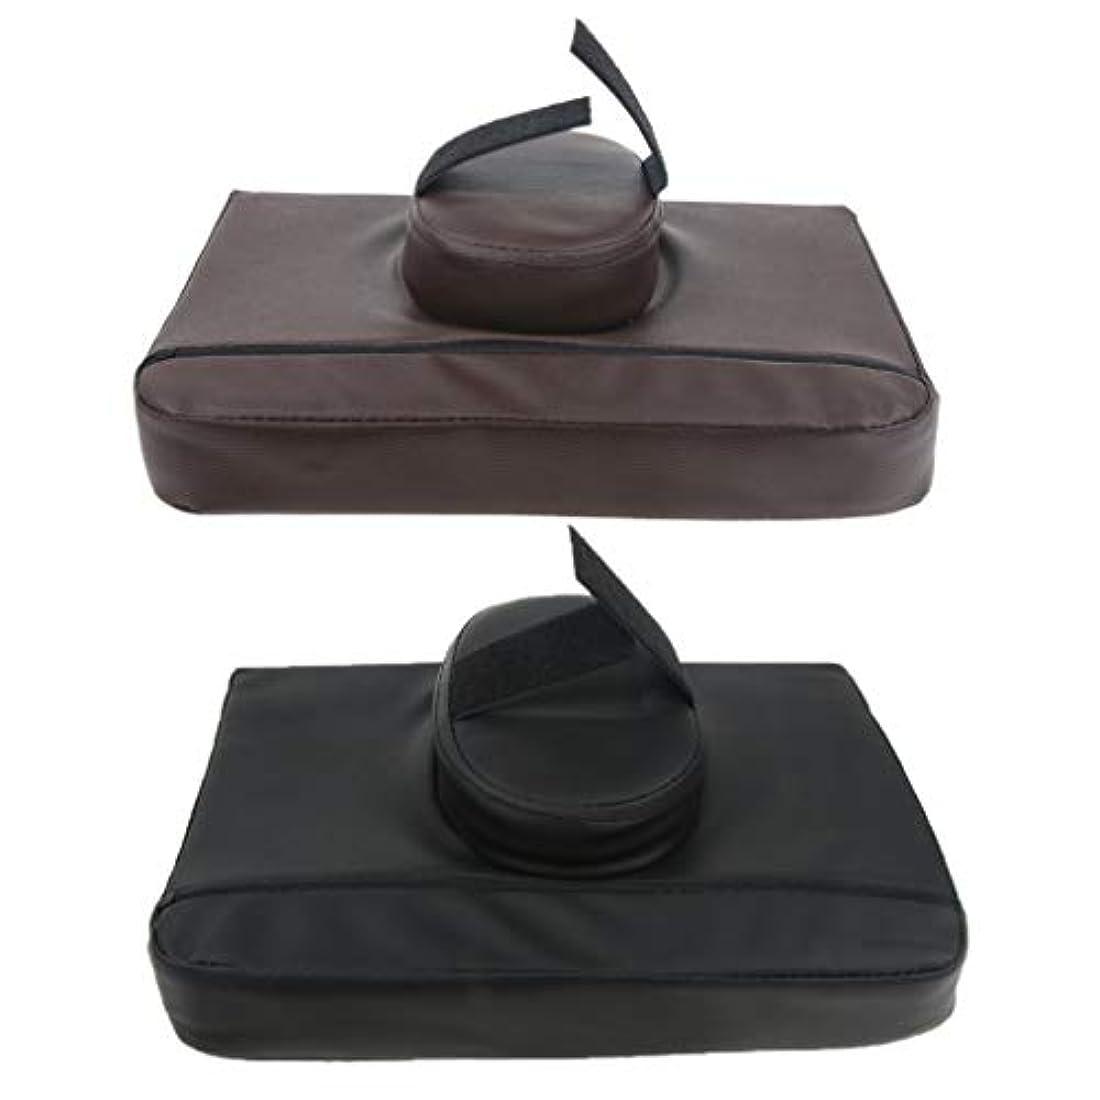 取り囲む労働者処方するマッサージ枕 マッサージピロー クッション スクエア マッサージテーブル用 ソフト 快適 2ピース